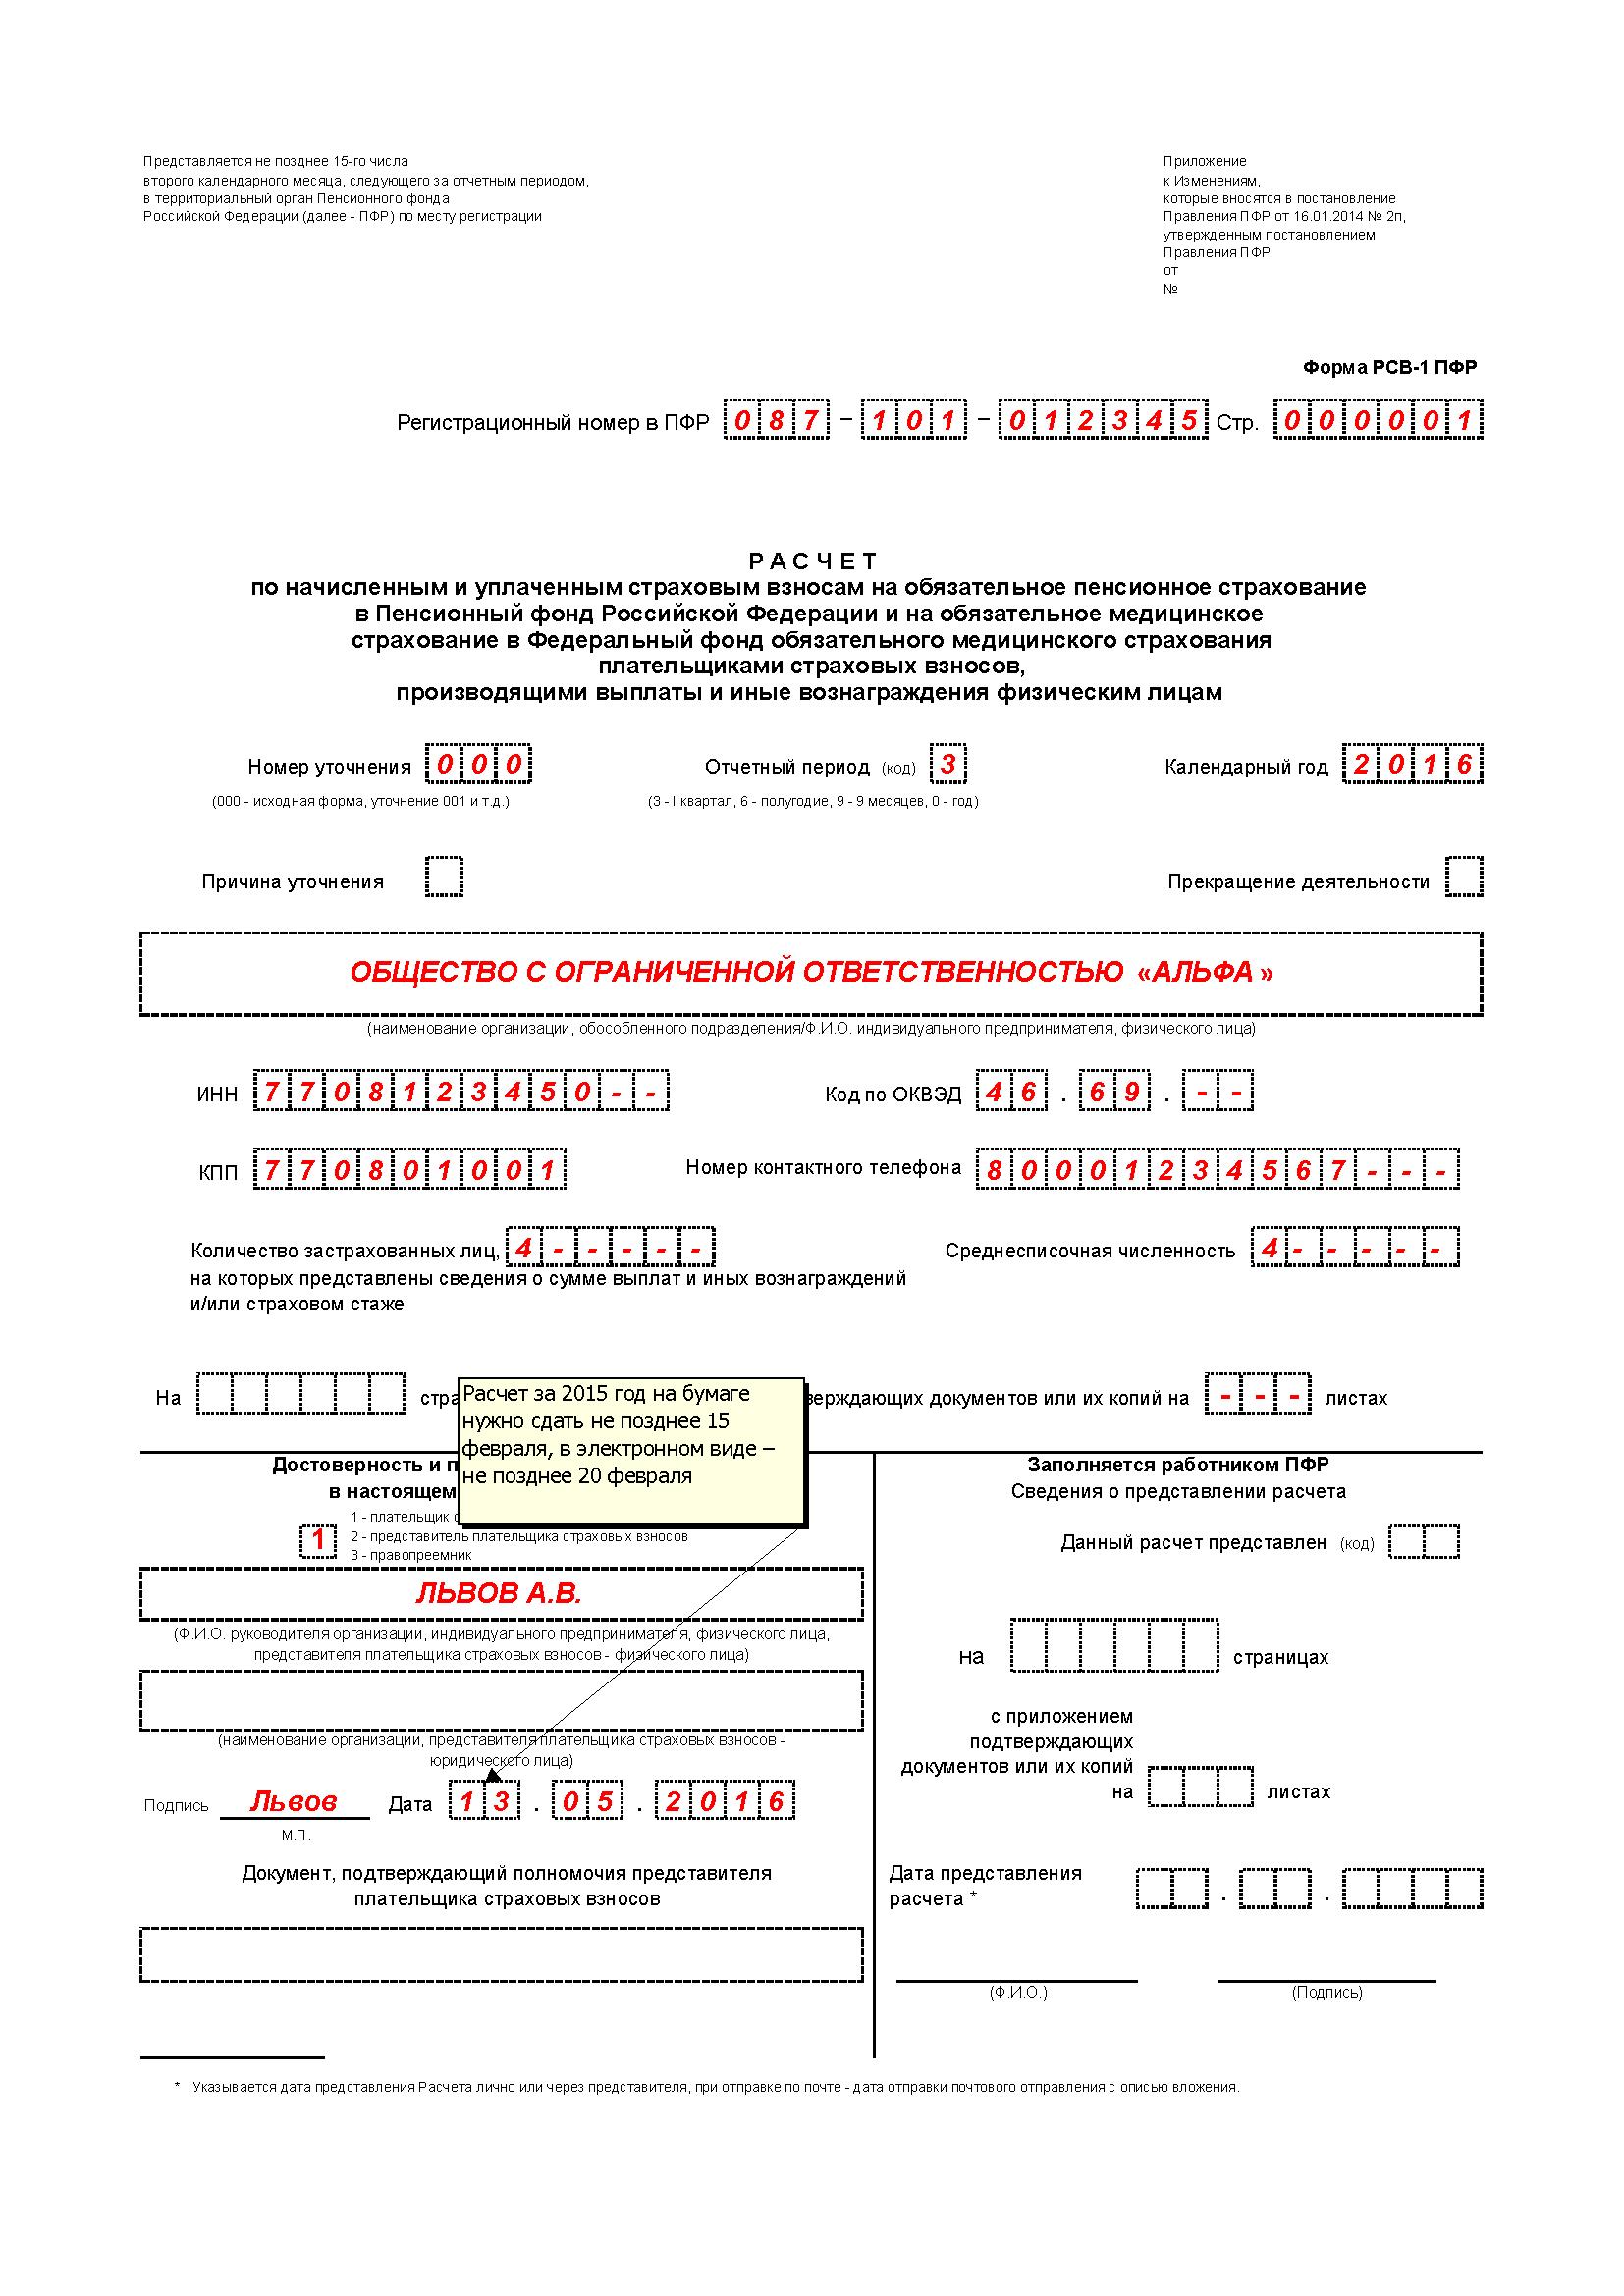 Образец заполнения РСВ-1 в ПФР